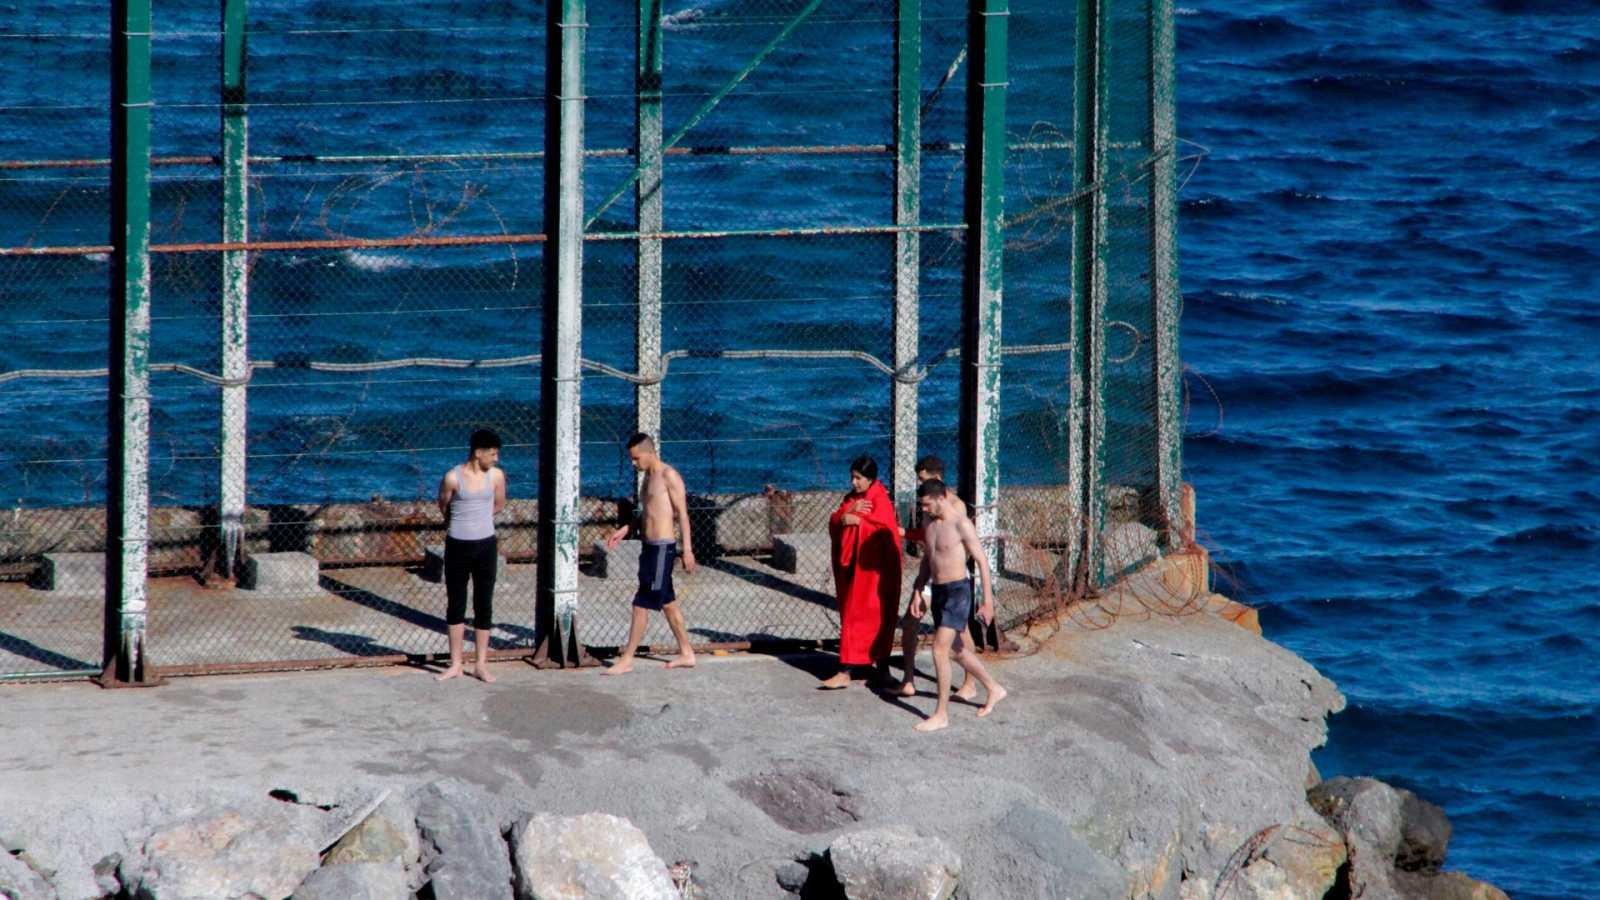 Cerca de 100 migrantes marroquíes han alcanzado Ceuta a nado